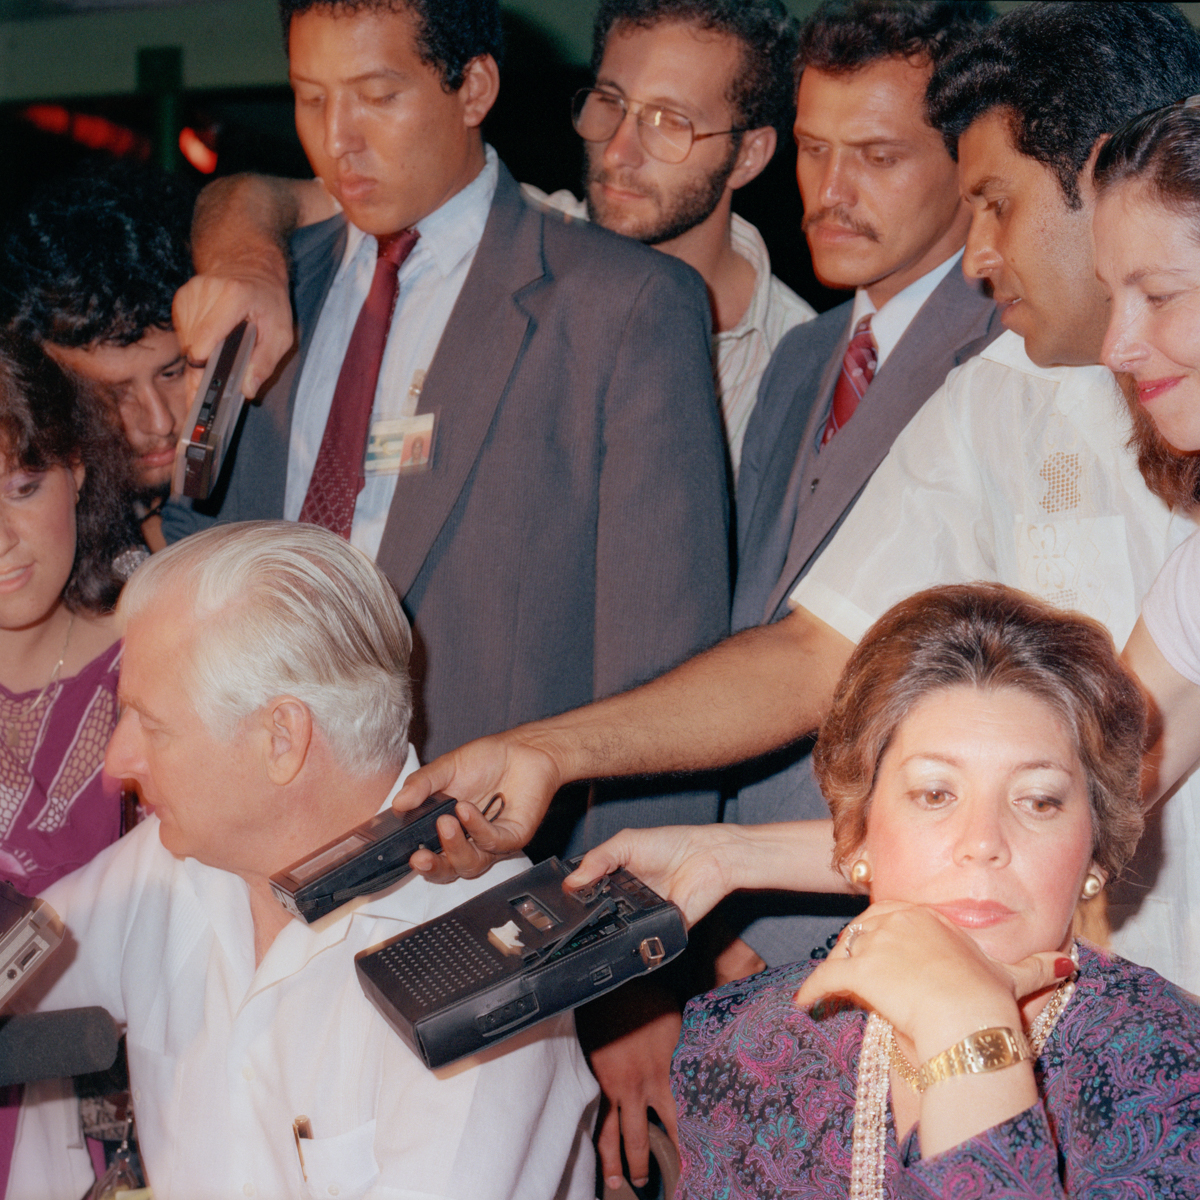 Press Conference, Esuipulas, Guatemala 1987